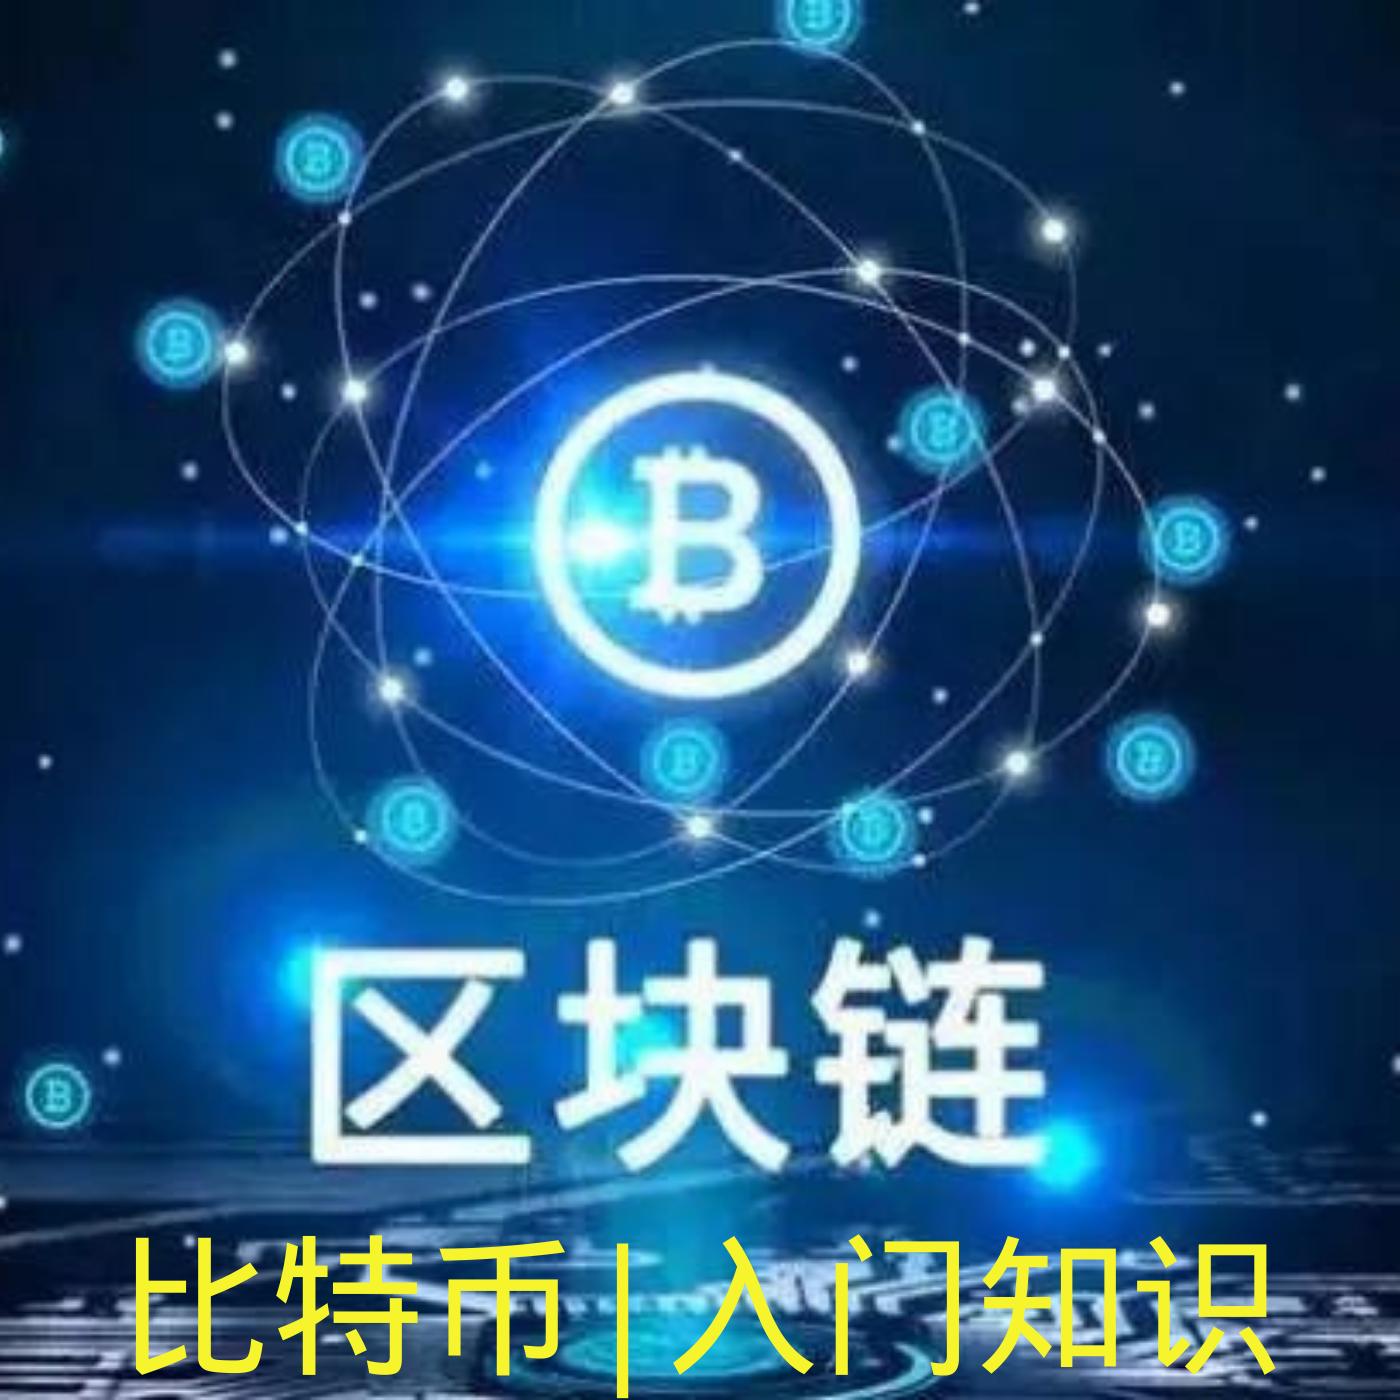 区块链 数字票据_简单来说区块链怎么赚钱_区块链社会:解码区块链全球应用与投资案例